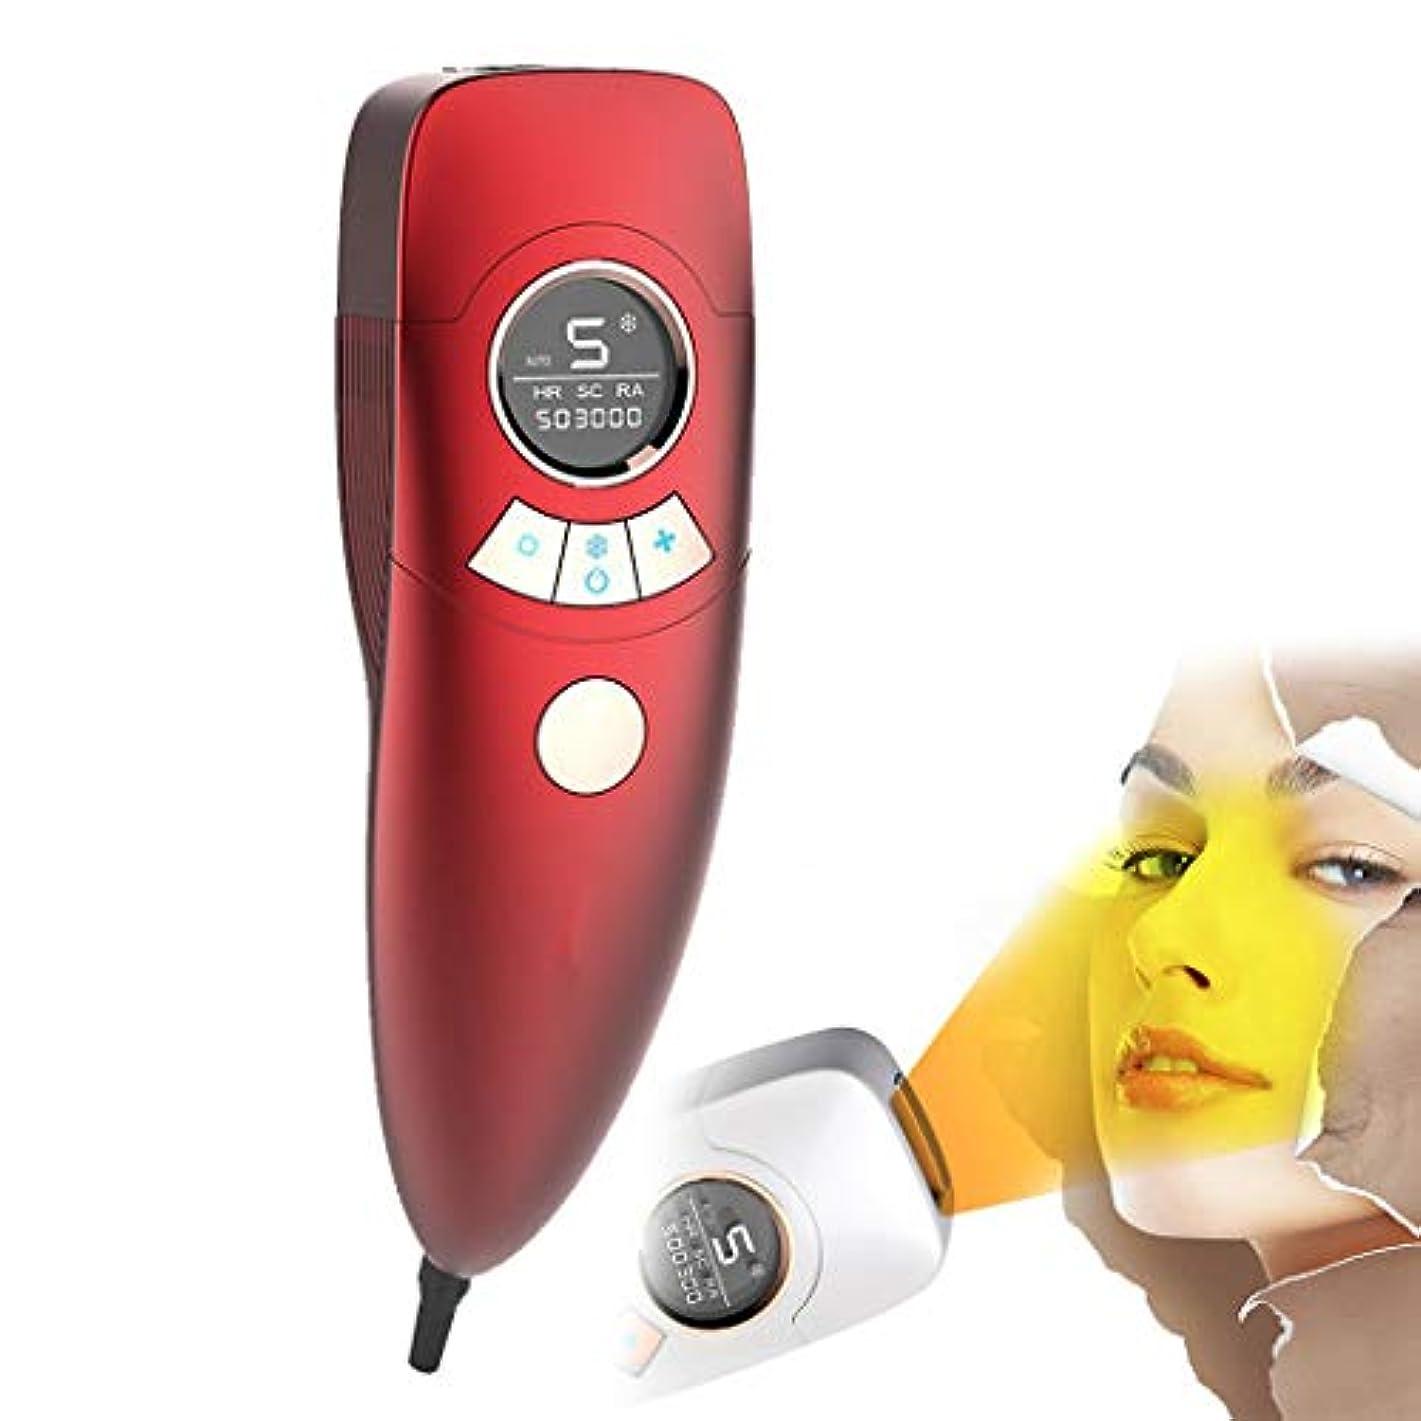 ブラストに関して桃電気脱毛装置は痛みがありません女性4で1充電式電気脱毛器の髪、ビキニエリア鼻脇の下腕の脚の痛みのない永久的な体毛リムーバー-red